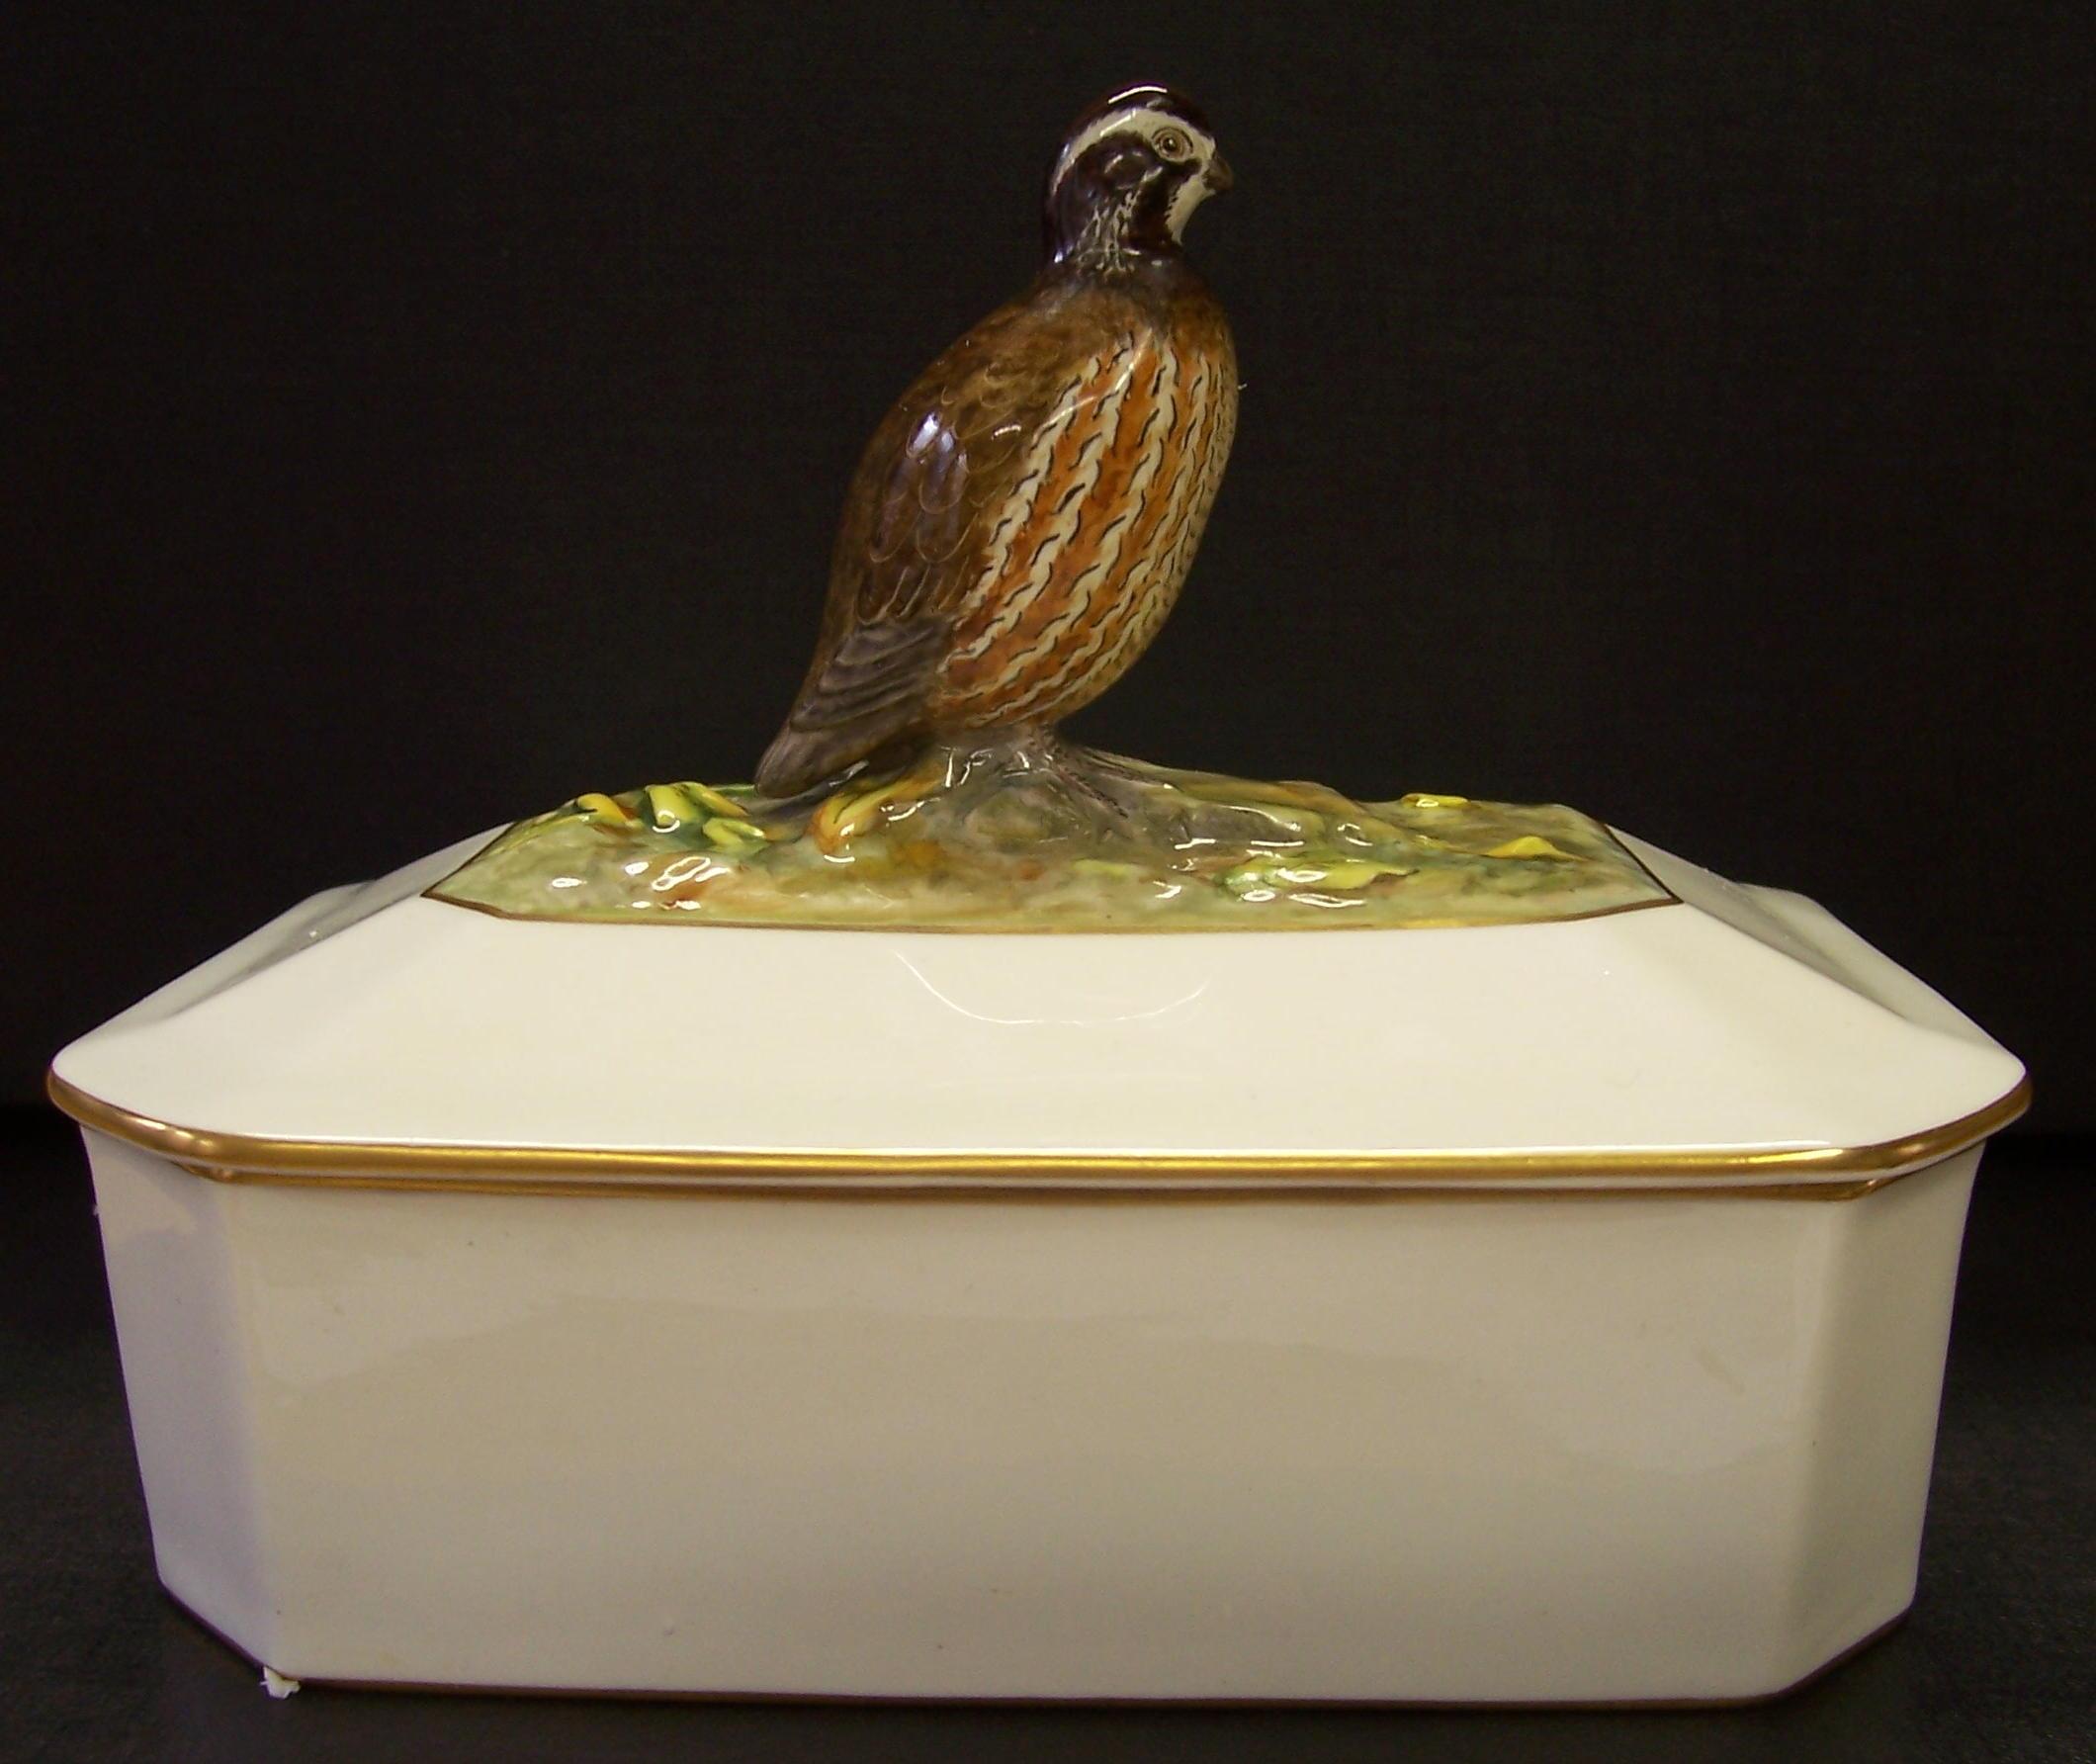 royal-crown-derby-box-1754-shape-bob-white-quail-on-lid